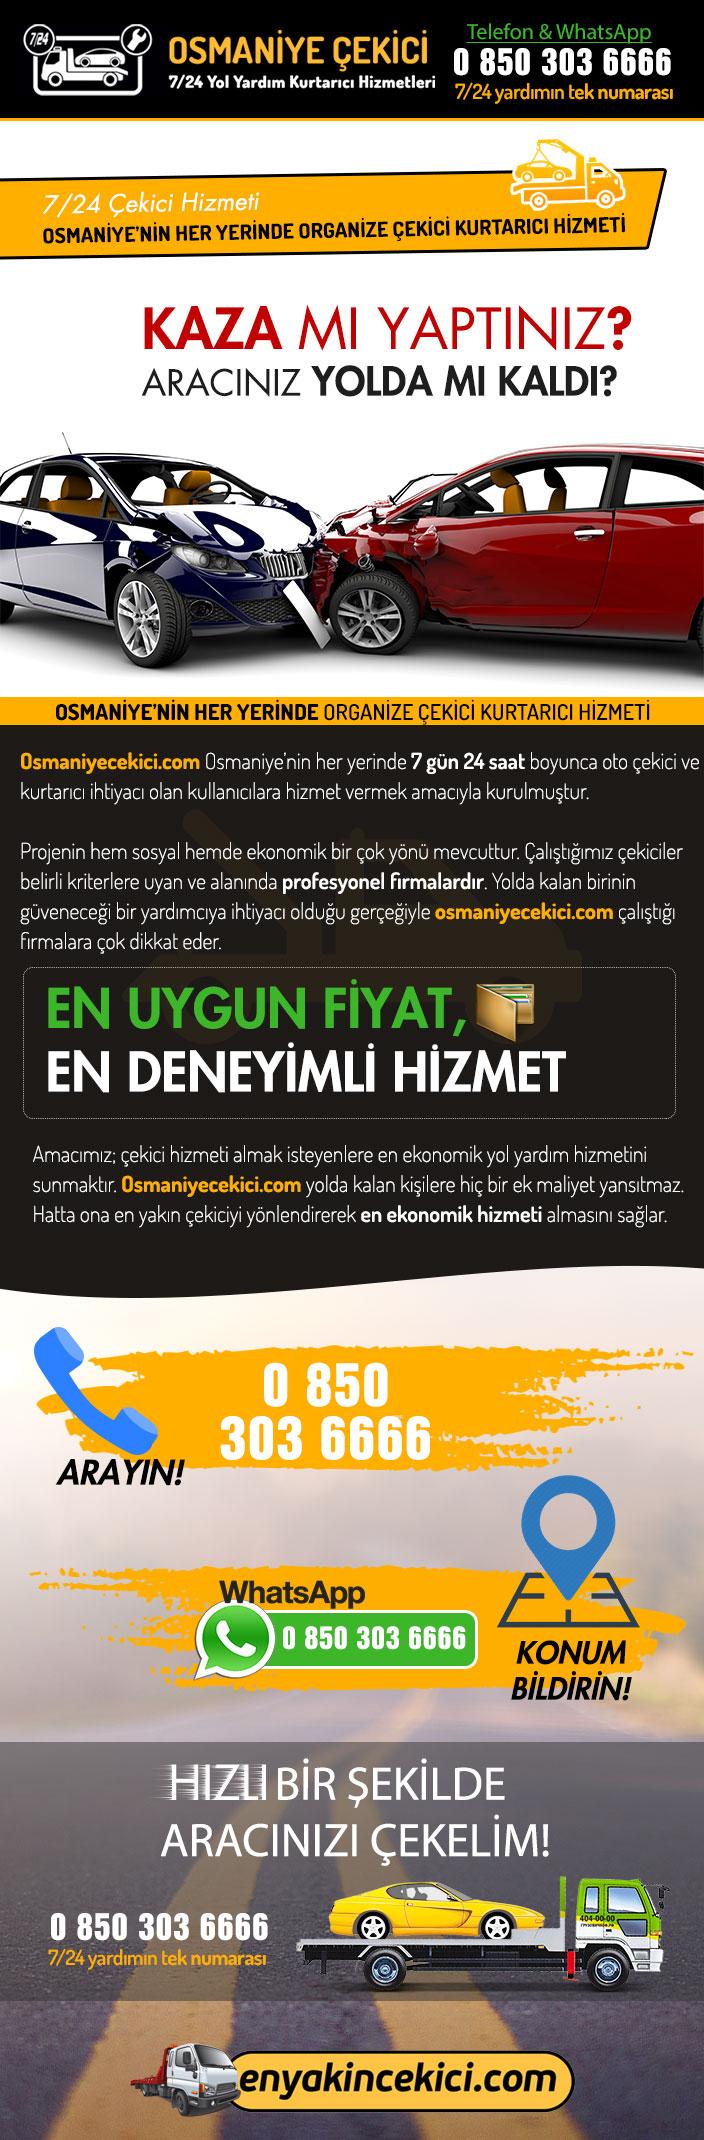 Osmaniye Oto Çekici